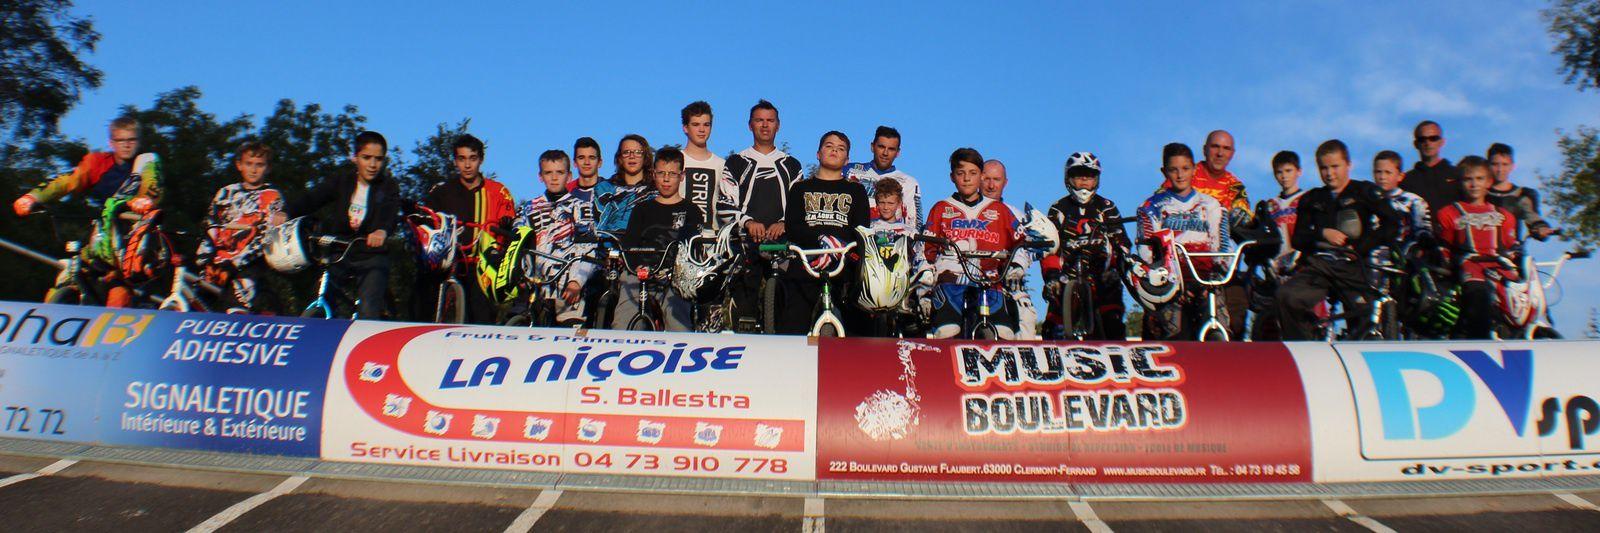 Les groupes 2015 - 2016